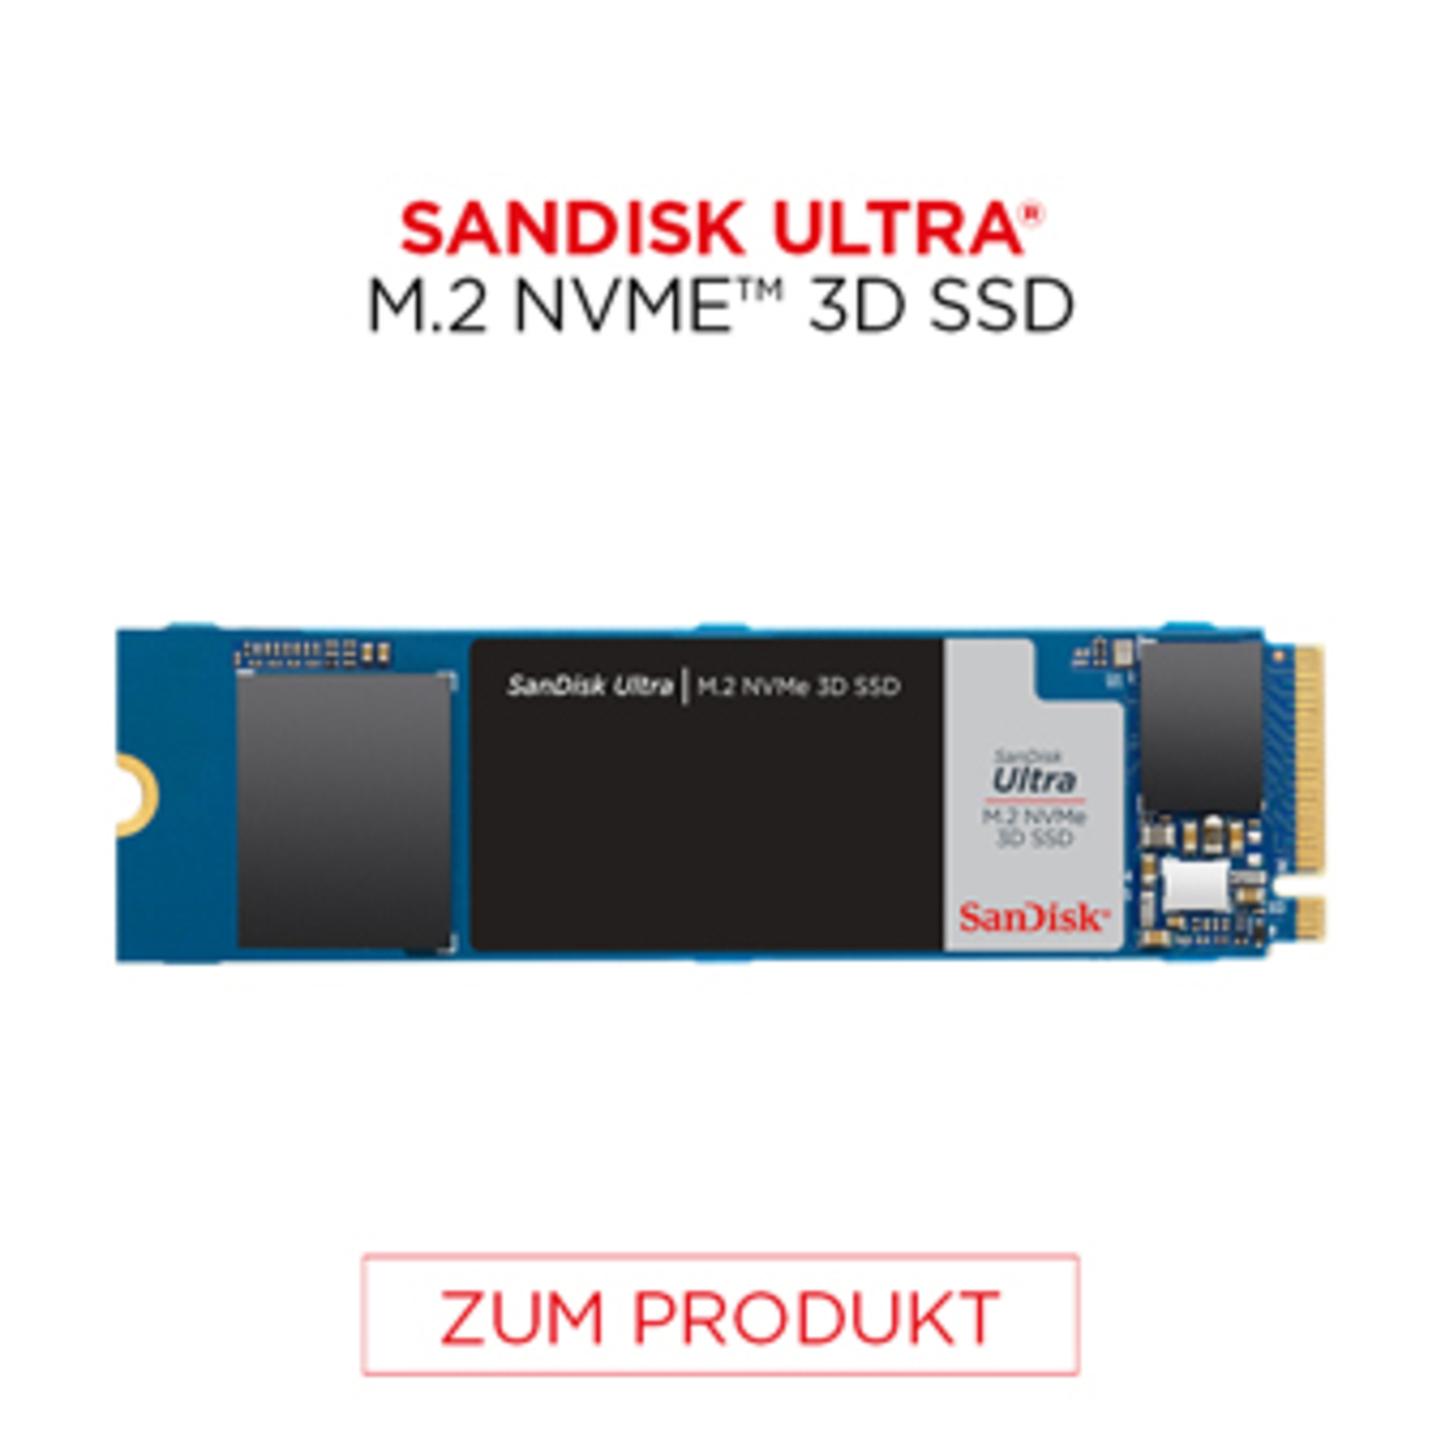 Sandisk Ultra M.2 NVME 3D SSD